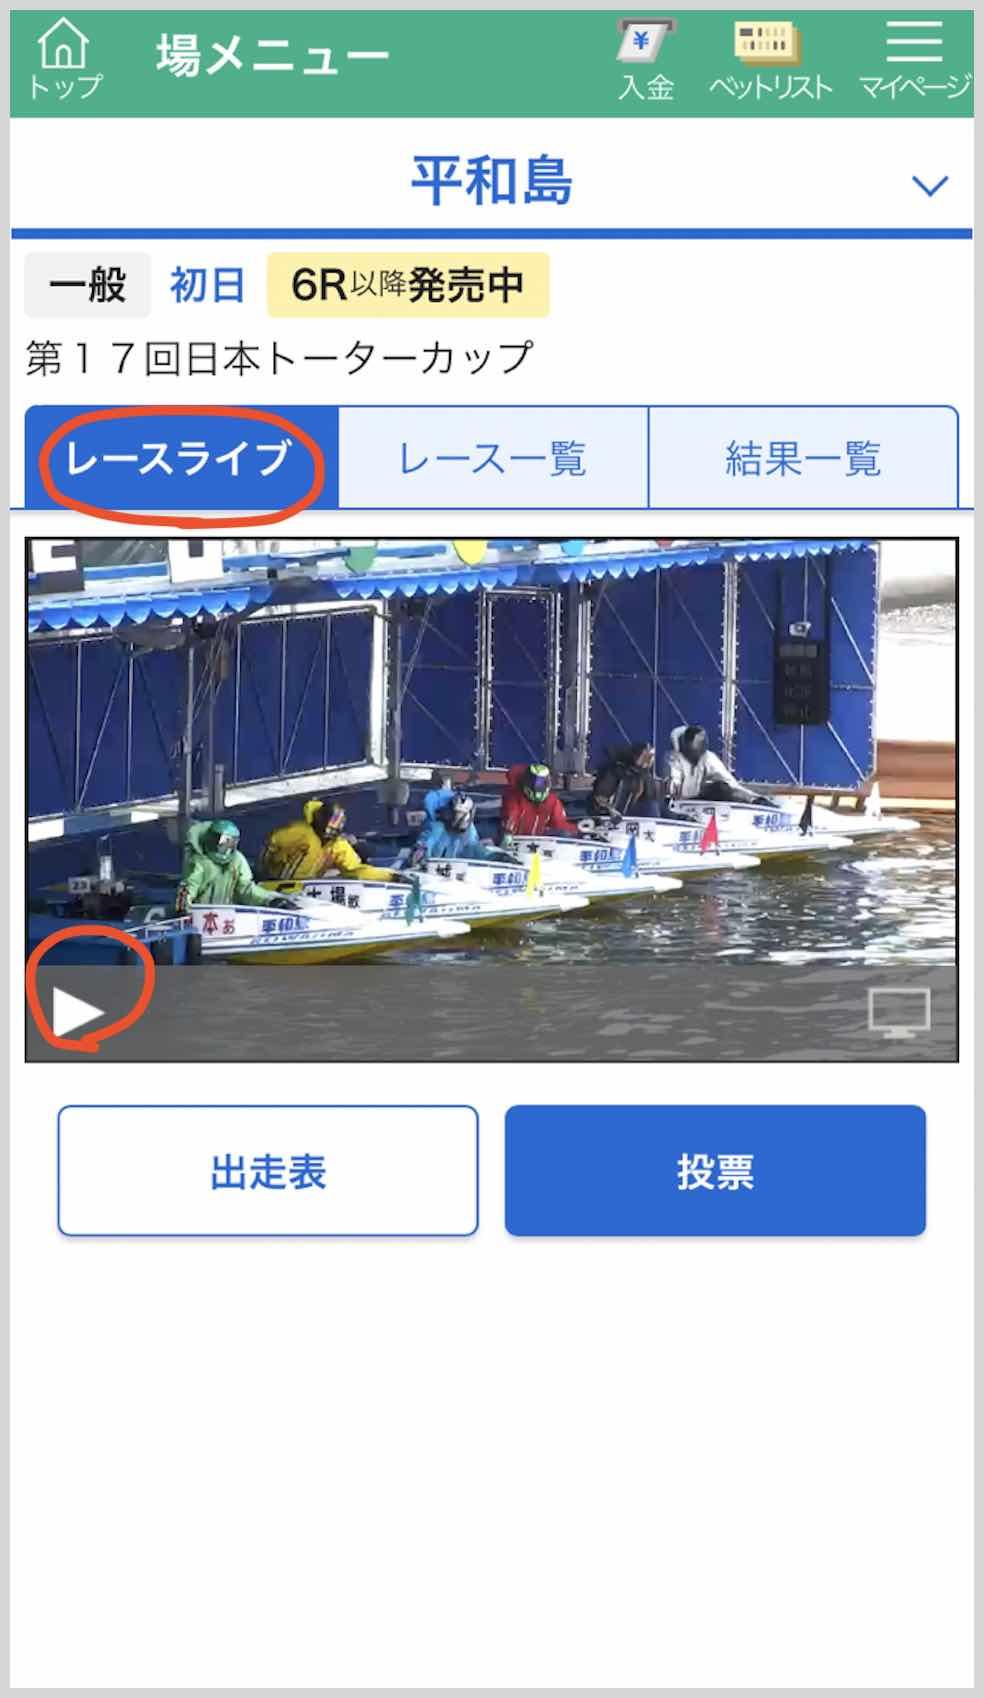 サイト 投票 ボート レース